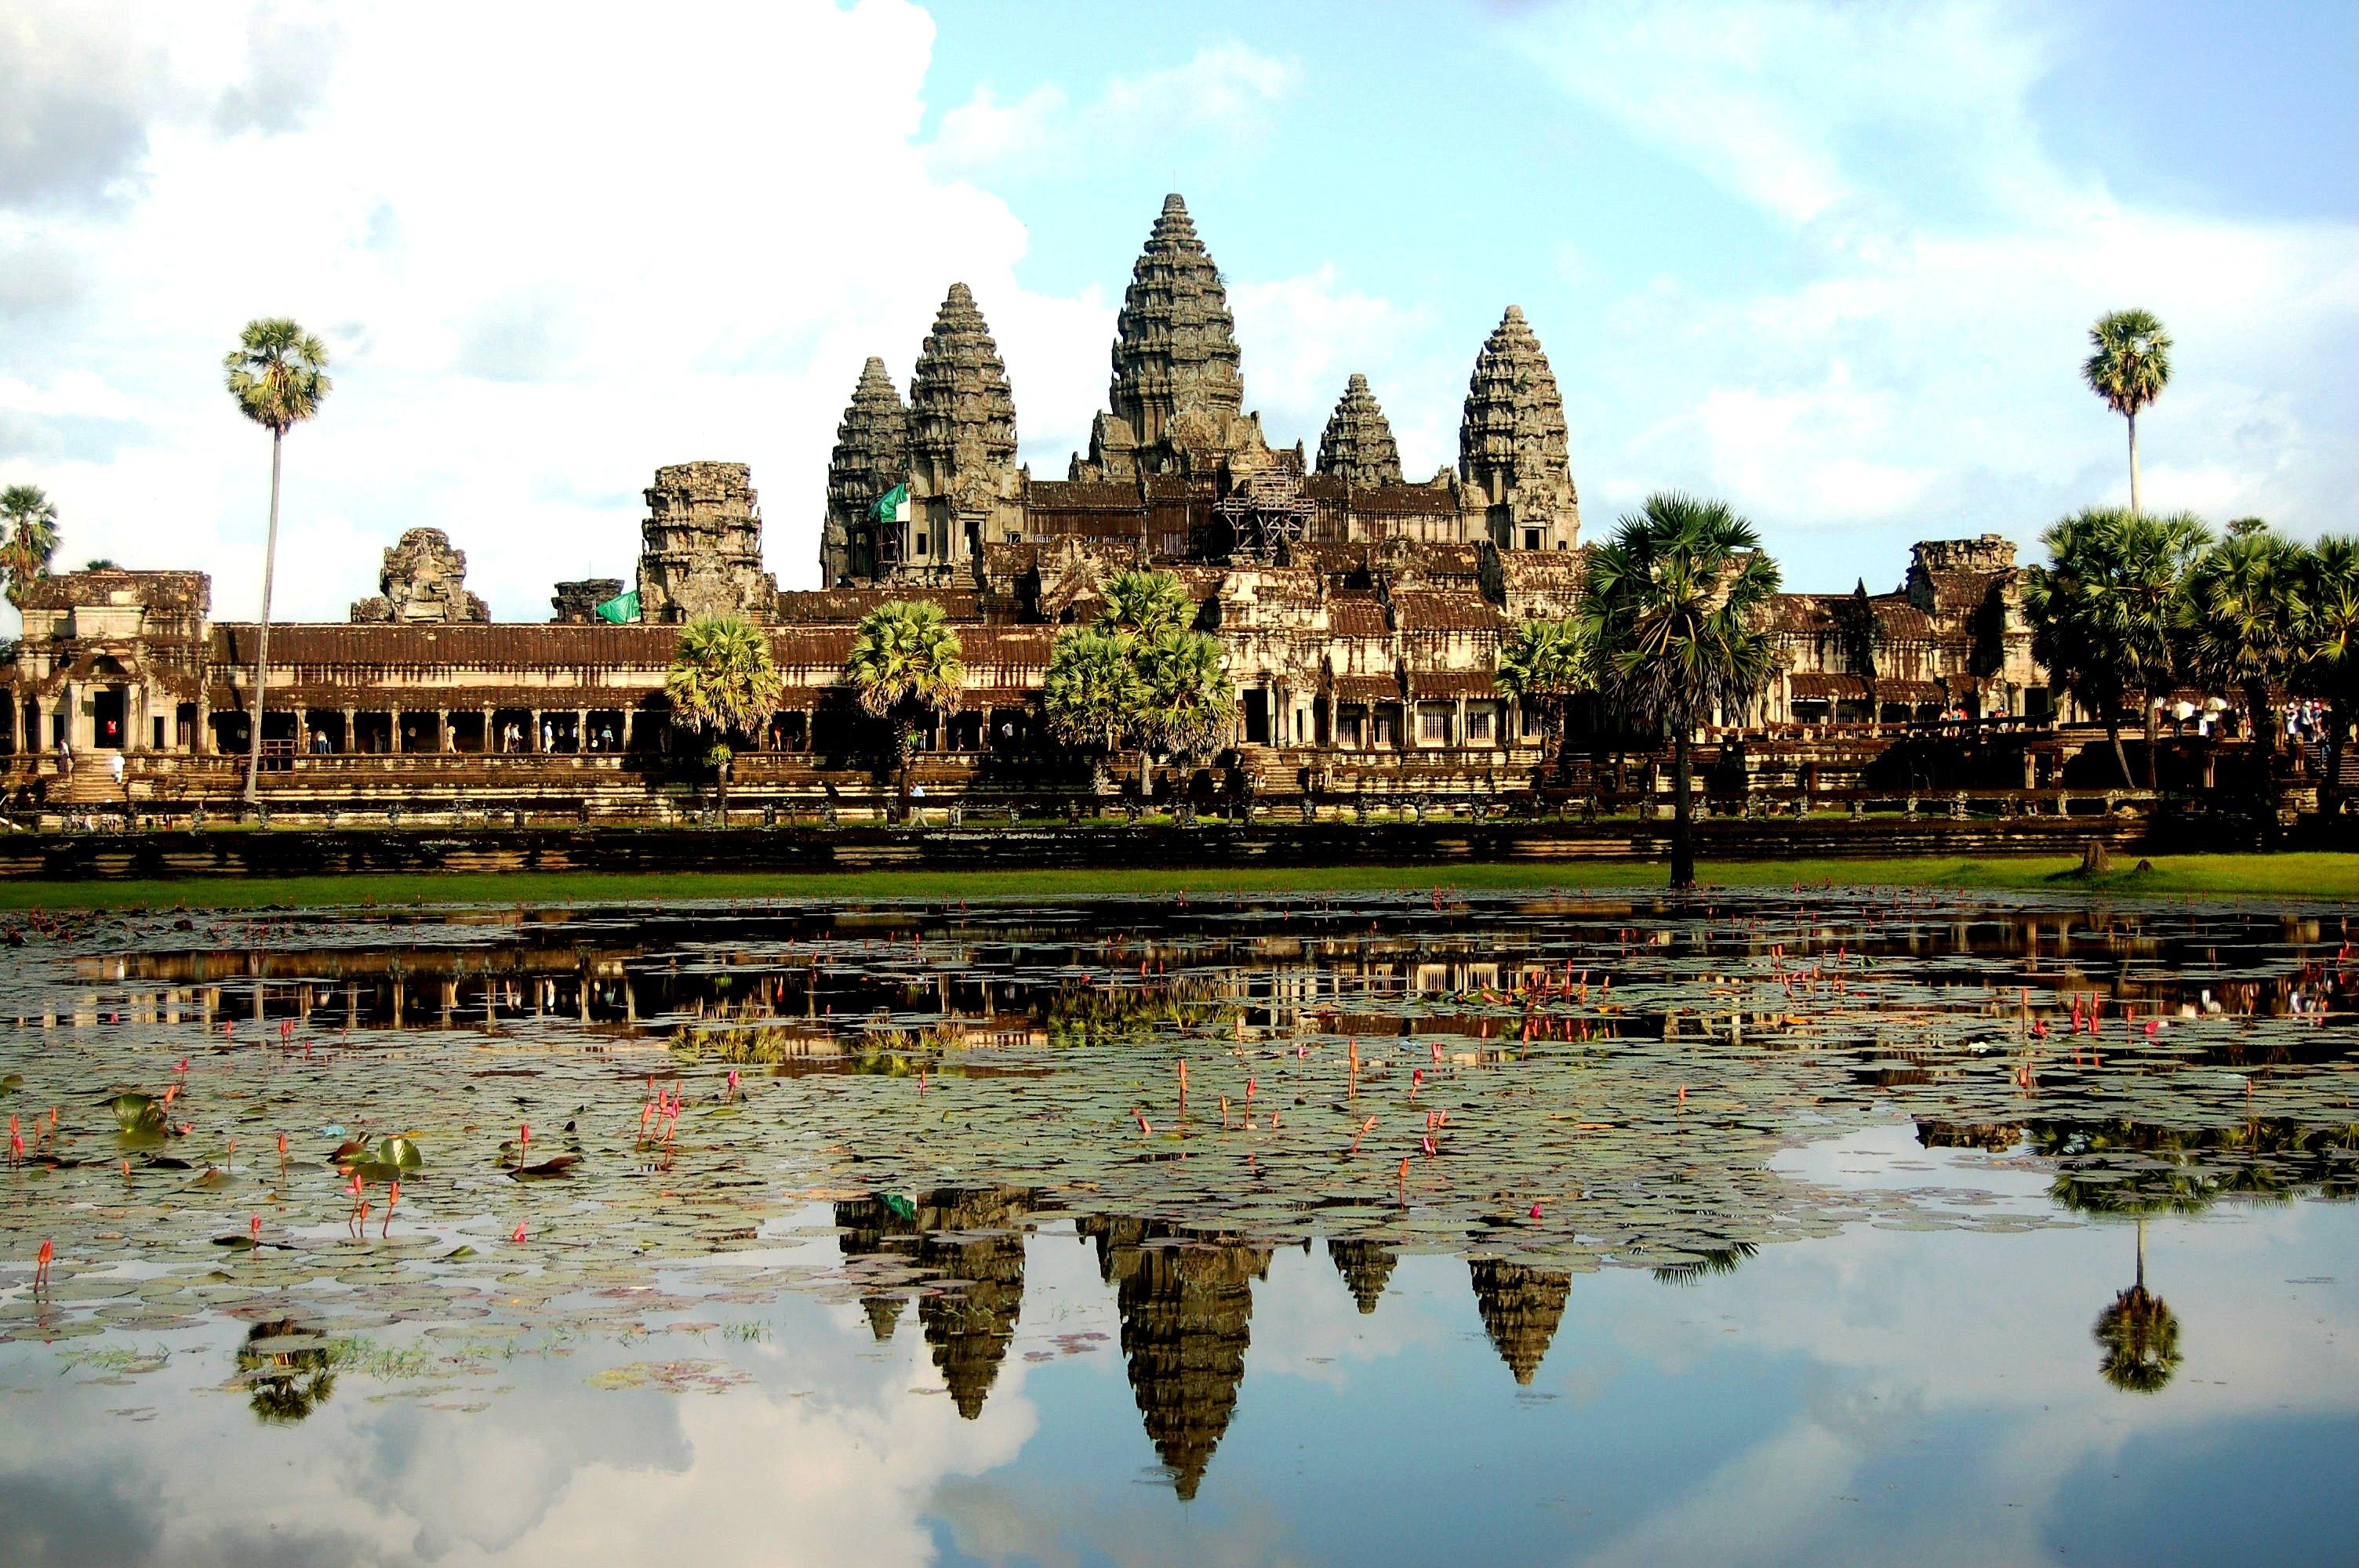 отражение в воде храма ангкор